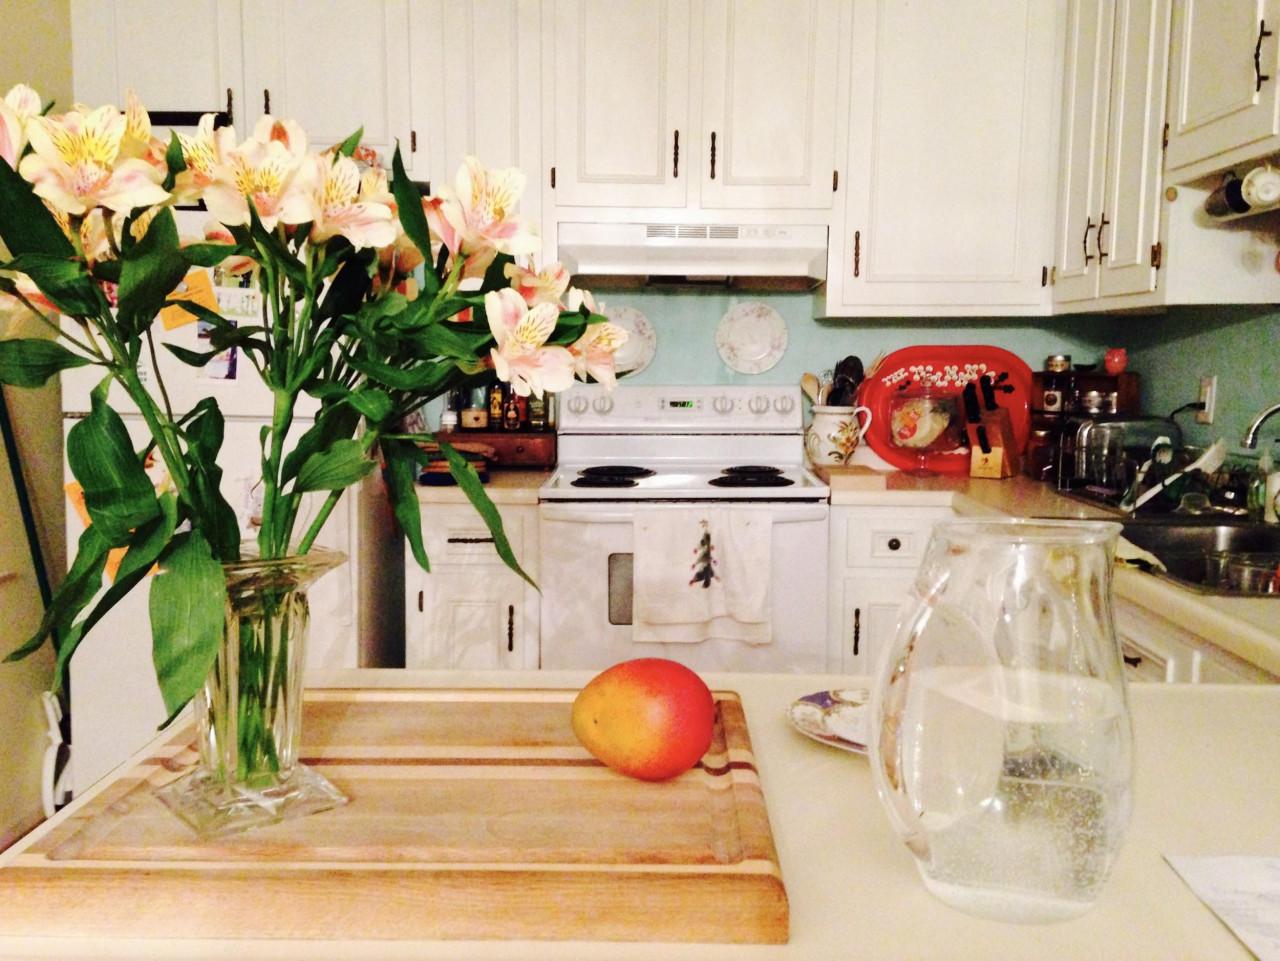 trang trí chậu hoa cho nhà bếp